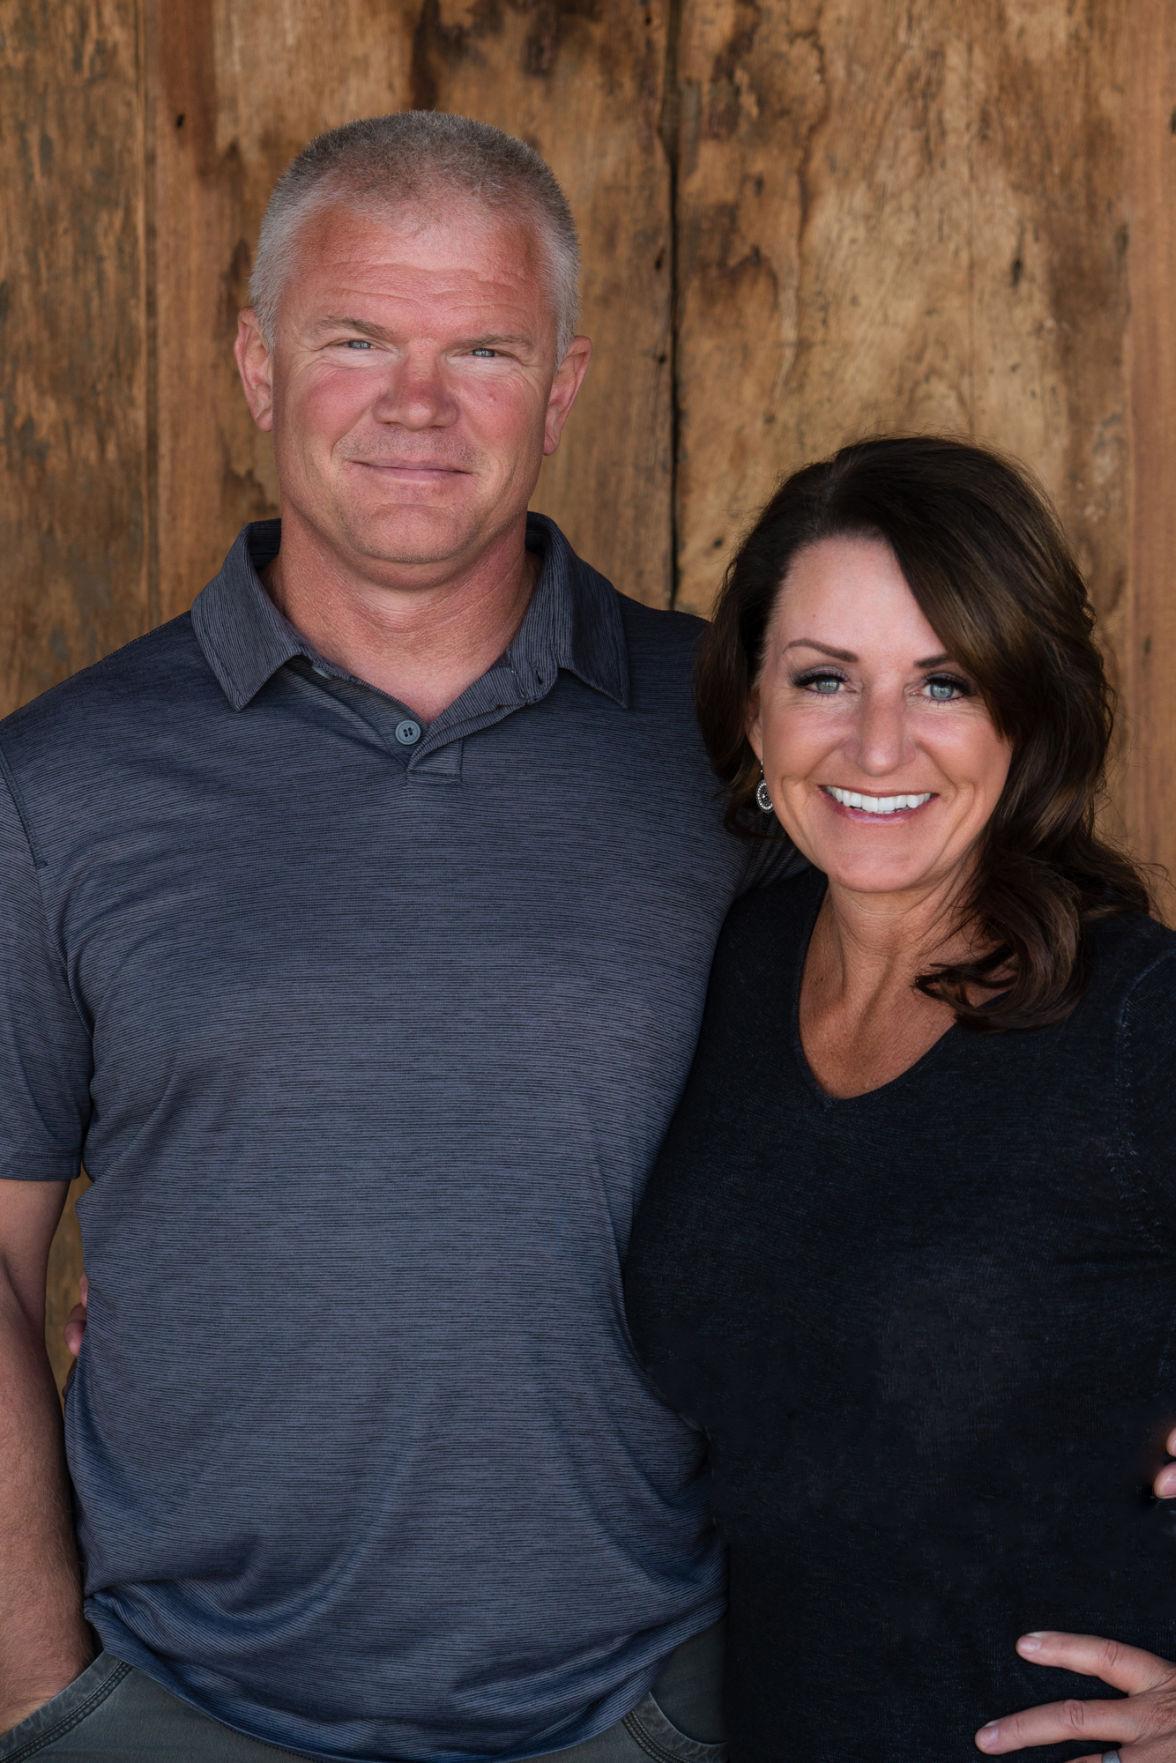 Jason and Jozie Driear